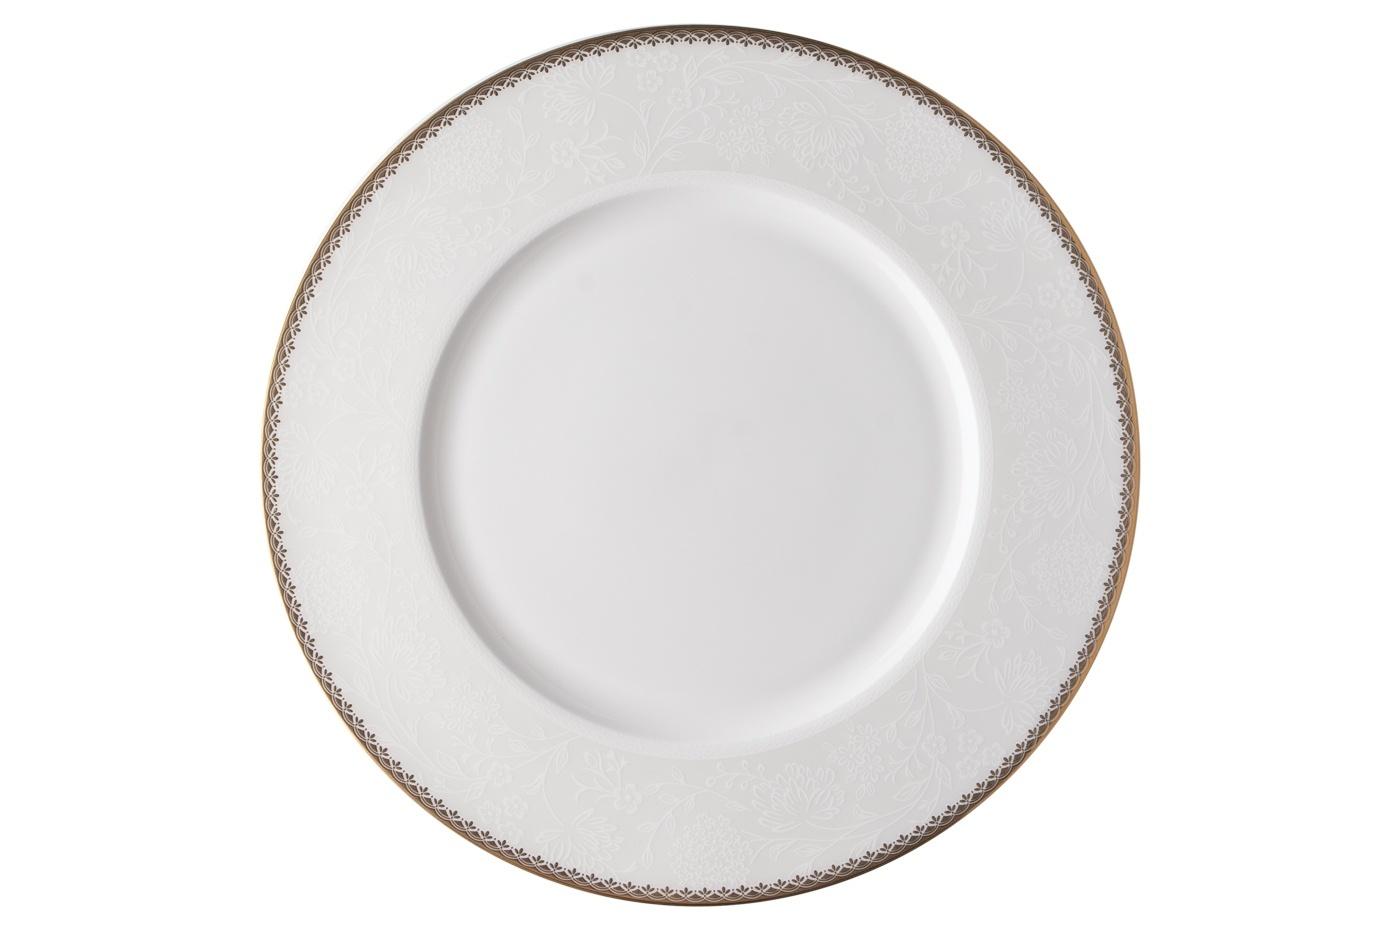 Набор из 6 тарелок Royal Aurel Флора (25см) арт.638Наборы тарелок<br>Набор из 6 тарелок Royal Aurel Флора (25см) арт.638<br>Производить посуду из фарфора начали в Китае на стыке 6-7 веков. Неустанно совершенствуя и селективно отбирая сырье для производства посуды из фарфора, мастерам удалось добиться выдающихся характеристик фарфора: белизны и тонкостенности. В XV веке появился особый интерес к китайской фарфоровой посуде, так как в это время Европе возникла мода на самобытные китайские вещи. Роскошный китайский фарфор являлся изыском и был в новинку, поэтому он выступал в качестве подарка королям, а также знатным людям. Такой дорогой подарок был очень престижен и по праву являлся элитной посудой. Как известно из многочисленных исторических документов, в Европе китайские изделия из фарфора ценились практически как золото. <br>Проверка изделий из костяного фарфора на подлинность <br>По сравнению с производством других видов фарфора процесс производства изделий из настоящего костяного фарфора сложен и весьма длителен. Посуда из изящного фарфора - это элитная посуда, которая всегда ассоциируется с богатством, величием и благородством. Несмотря на небольшую толщину, фарфоровая посуда - это очень прочное изделие. Для демонстрации плотности и прочности фарфора можно легко коснуться предметов посуды из фарфора деревянной палочкой, и тогда мы услушим характерный металлический звон. В составе фарфоровой посуды присутствует костяная зола, благодаря чему она может быть намного тоньше (не более 2,5 мм) и легче твердого или мягкого фарфора. Безупречная белизна - ключевой признак отличия такого фарфора от других. Цвет обычного фарфора сероватый или ближе к голубоватому, а костяной фарфор будет всегда будет молочно-белого цвета. Характерная и немаловажная деталь - это невесомая прозрачность изделий из фарфора такая, что сквозь него проходит свет.<br>